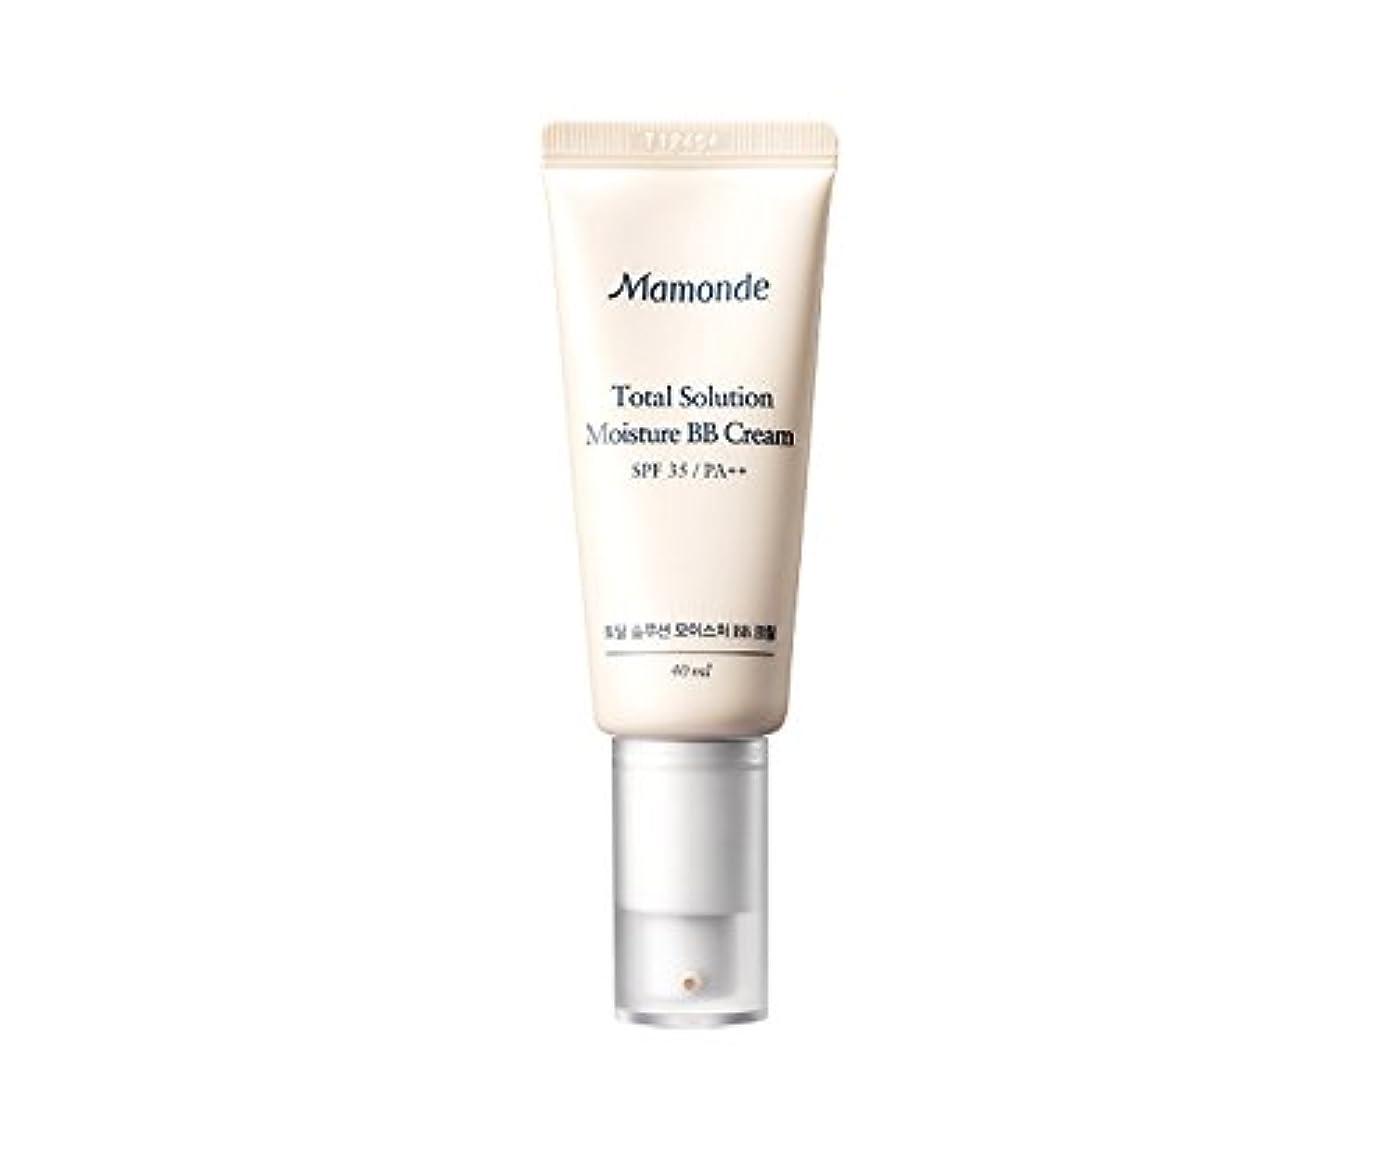 潤滑する散る未満Mamonde Total Solution Moisture BB cream 40ml/マモンド トータル ソリューション モイスチャー BBクリーム 40ml (#2 Natural Beige) [並行輸入品]